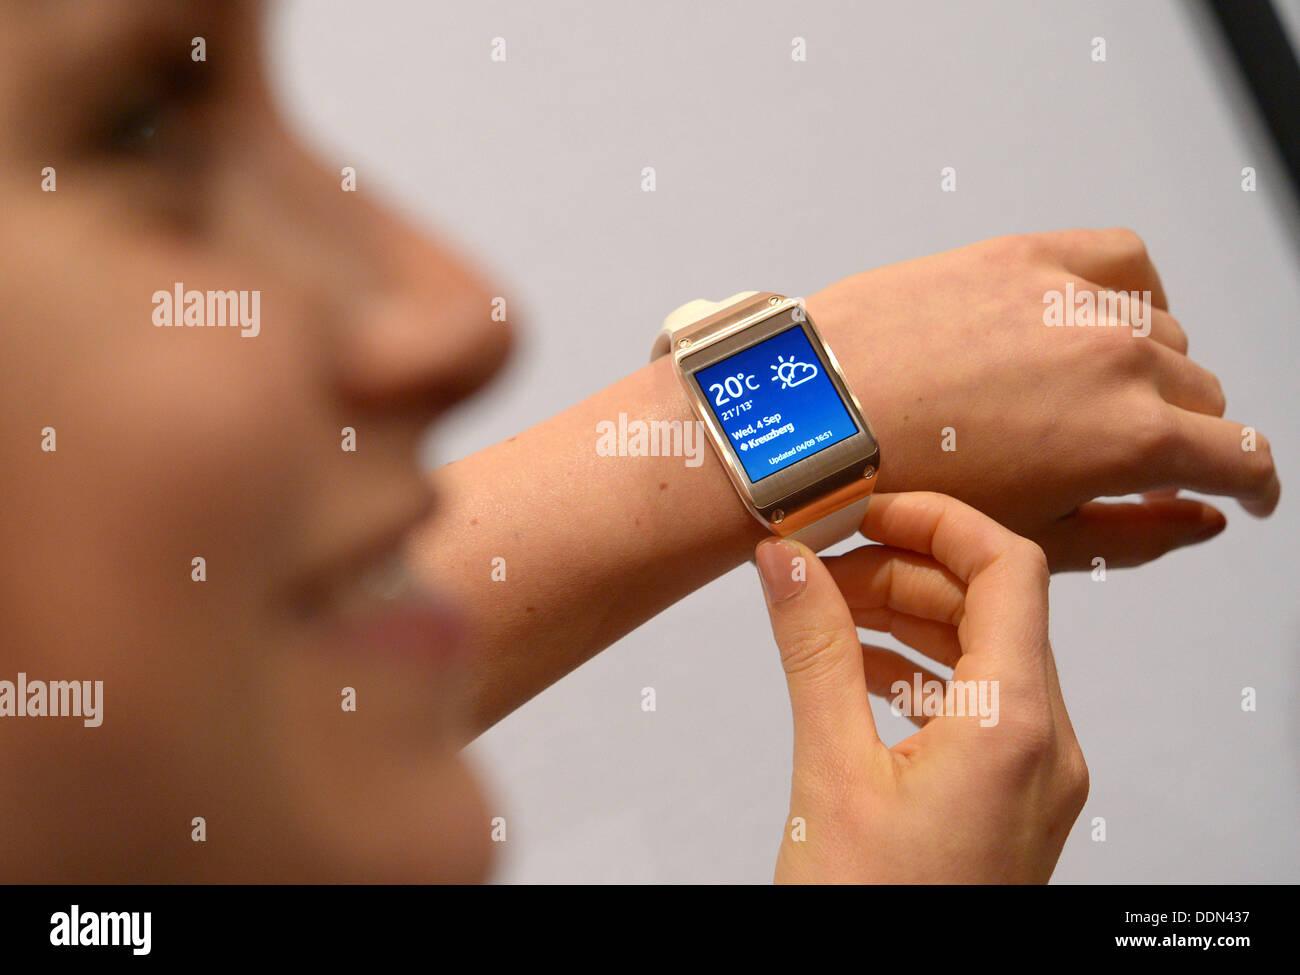 Berlin, Allemagne. Le 04 août, 2013. Le nouveau Samsung Galaxy Gear' smartwatch est présenté à la foire de l'électronique grand public IFA de Berlin, Allemagne, 04 septembre 2013. L'IFA a lieu du 06 au 11 septembre, et prétend être la plus grande foire de l'électronique grand public. Photo: Rainer Jensen/dpa/Alamy Live News Photo Stock